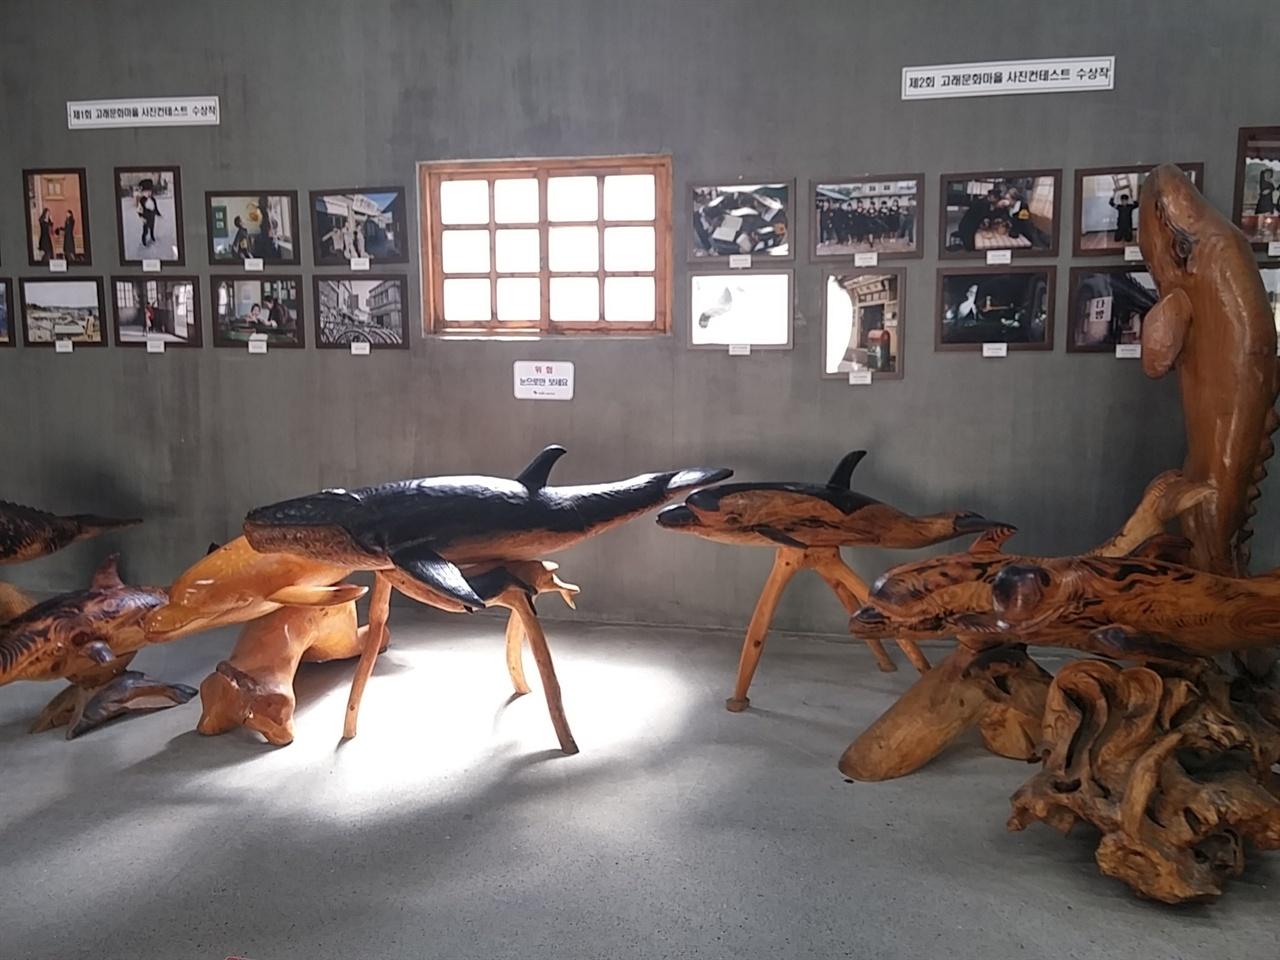 여러 고래들 중 향유 고래는 화장품과 향슈 등의 재료로 쓰이는 용연향(龍涎香)을 품고 있어 과거 유럽에서 3만 마리 이상을 포획해 멸종위기까지 갔을 정도로 귀하다고 한다.